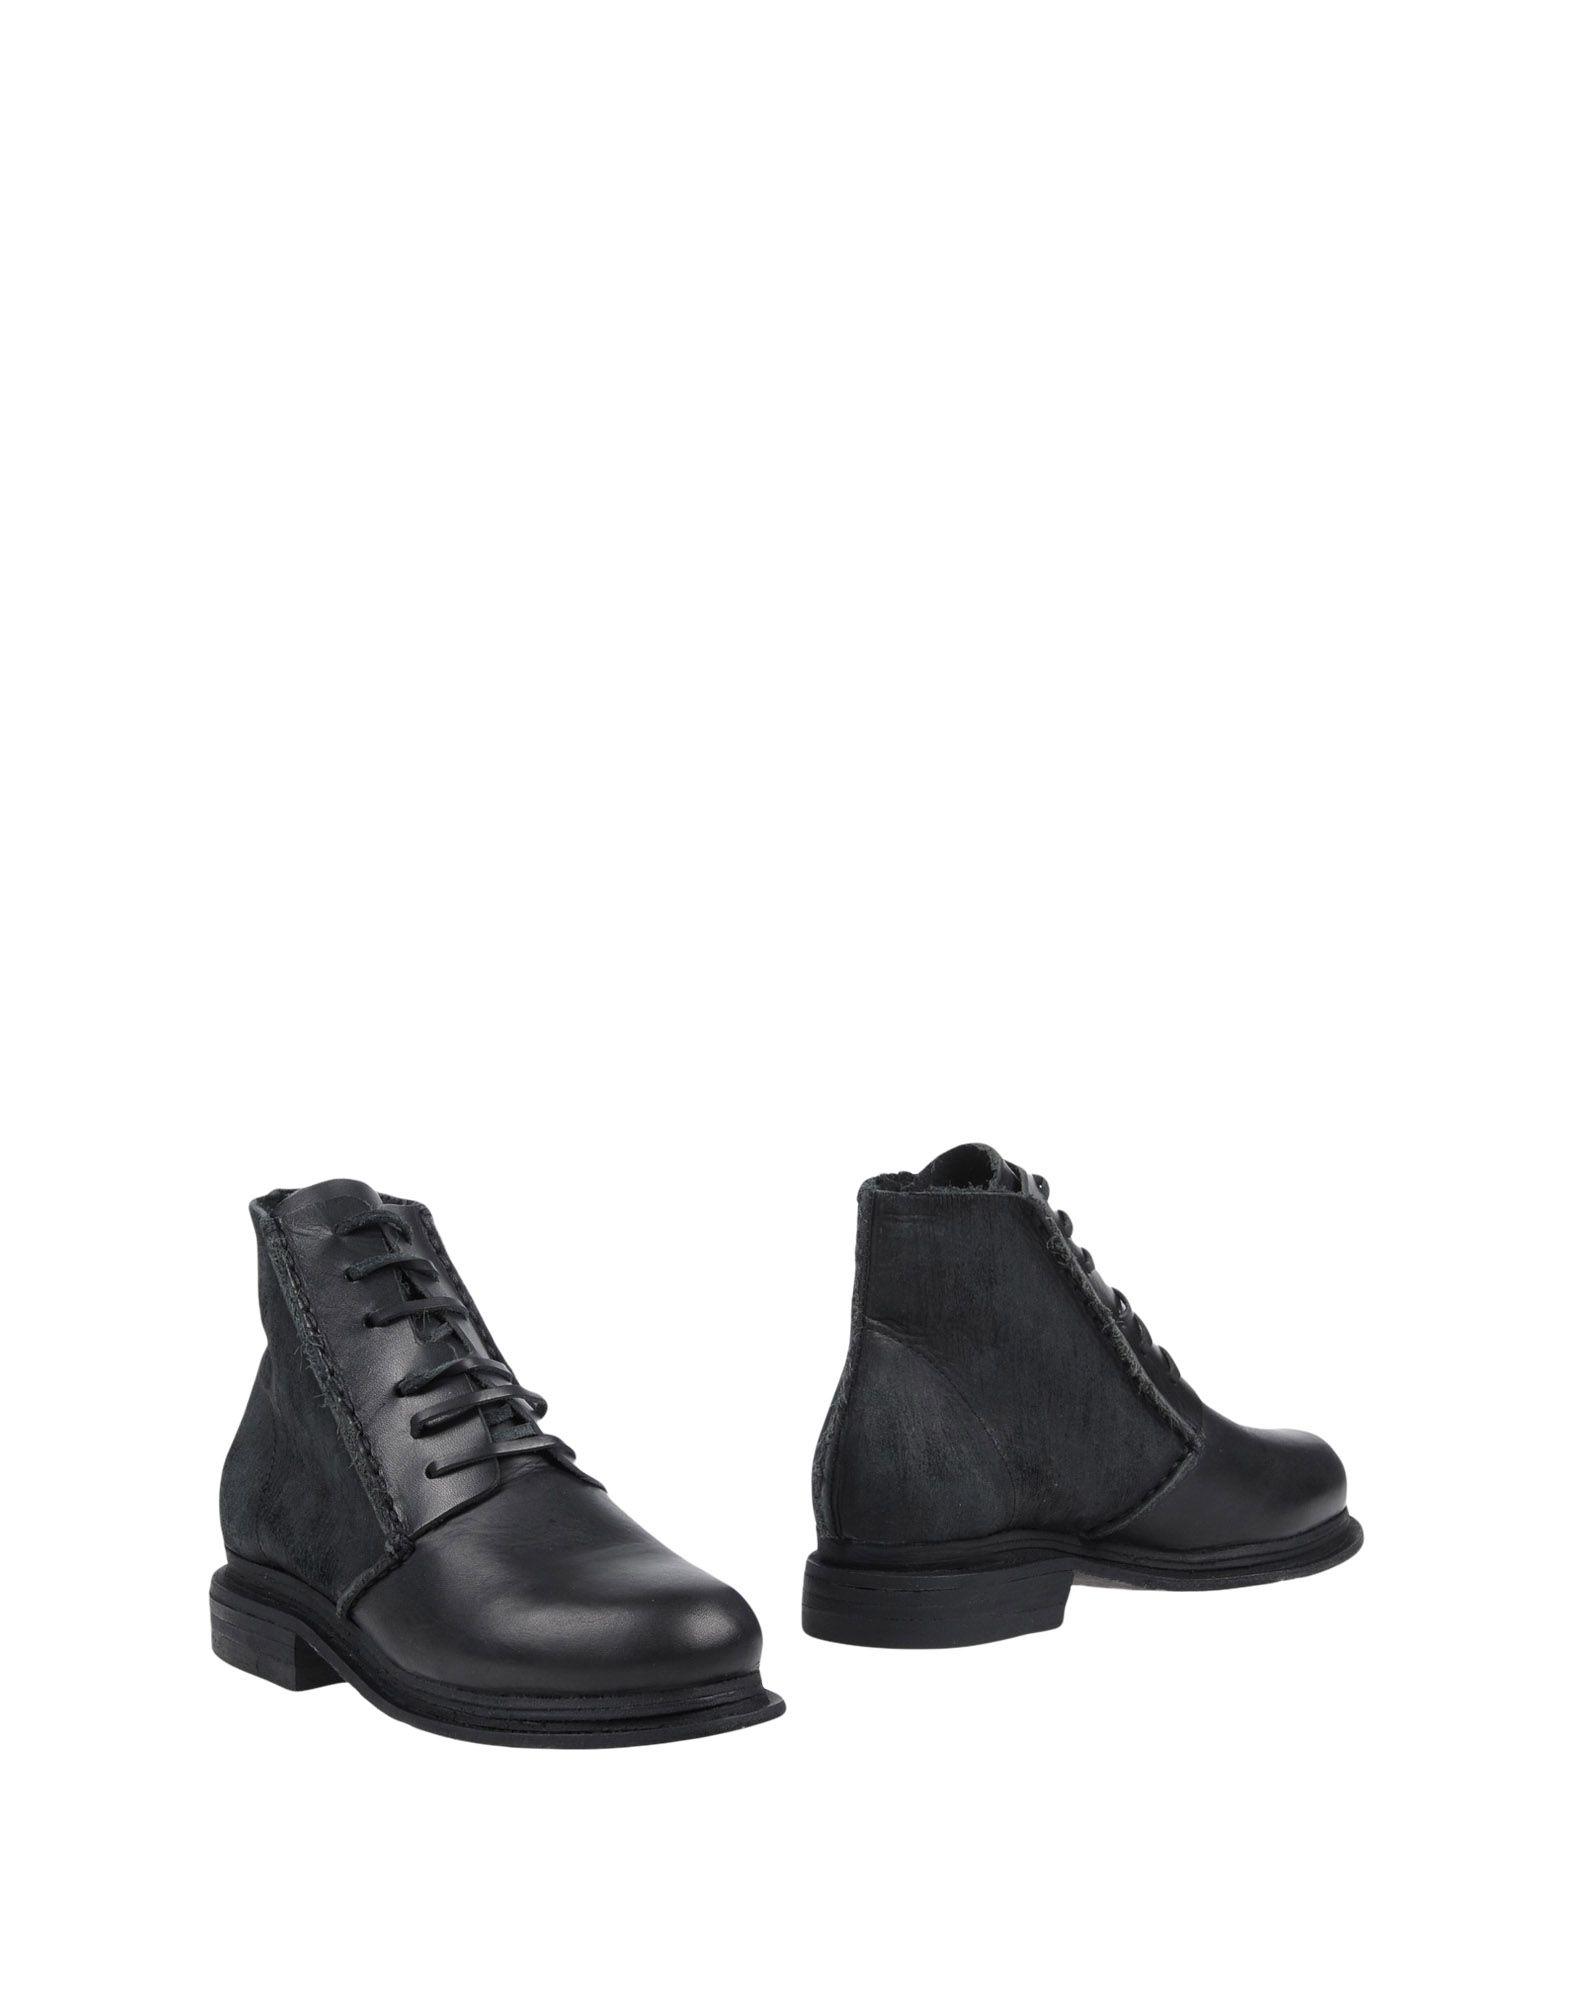 Petrucha Stiefelette aussehende Damen  11436890LGGünstige gut aussehende Stiefelette Schuhe 0d2f2a